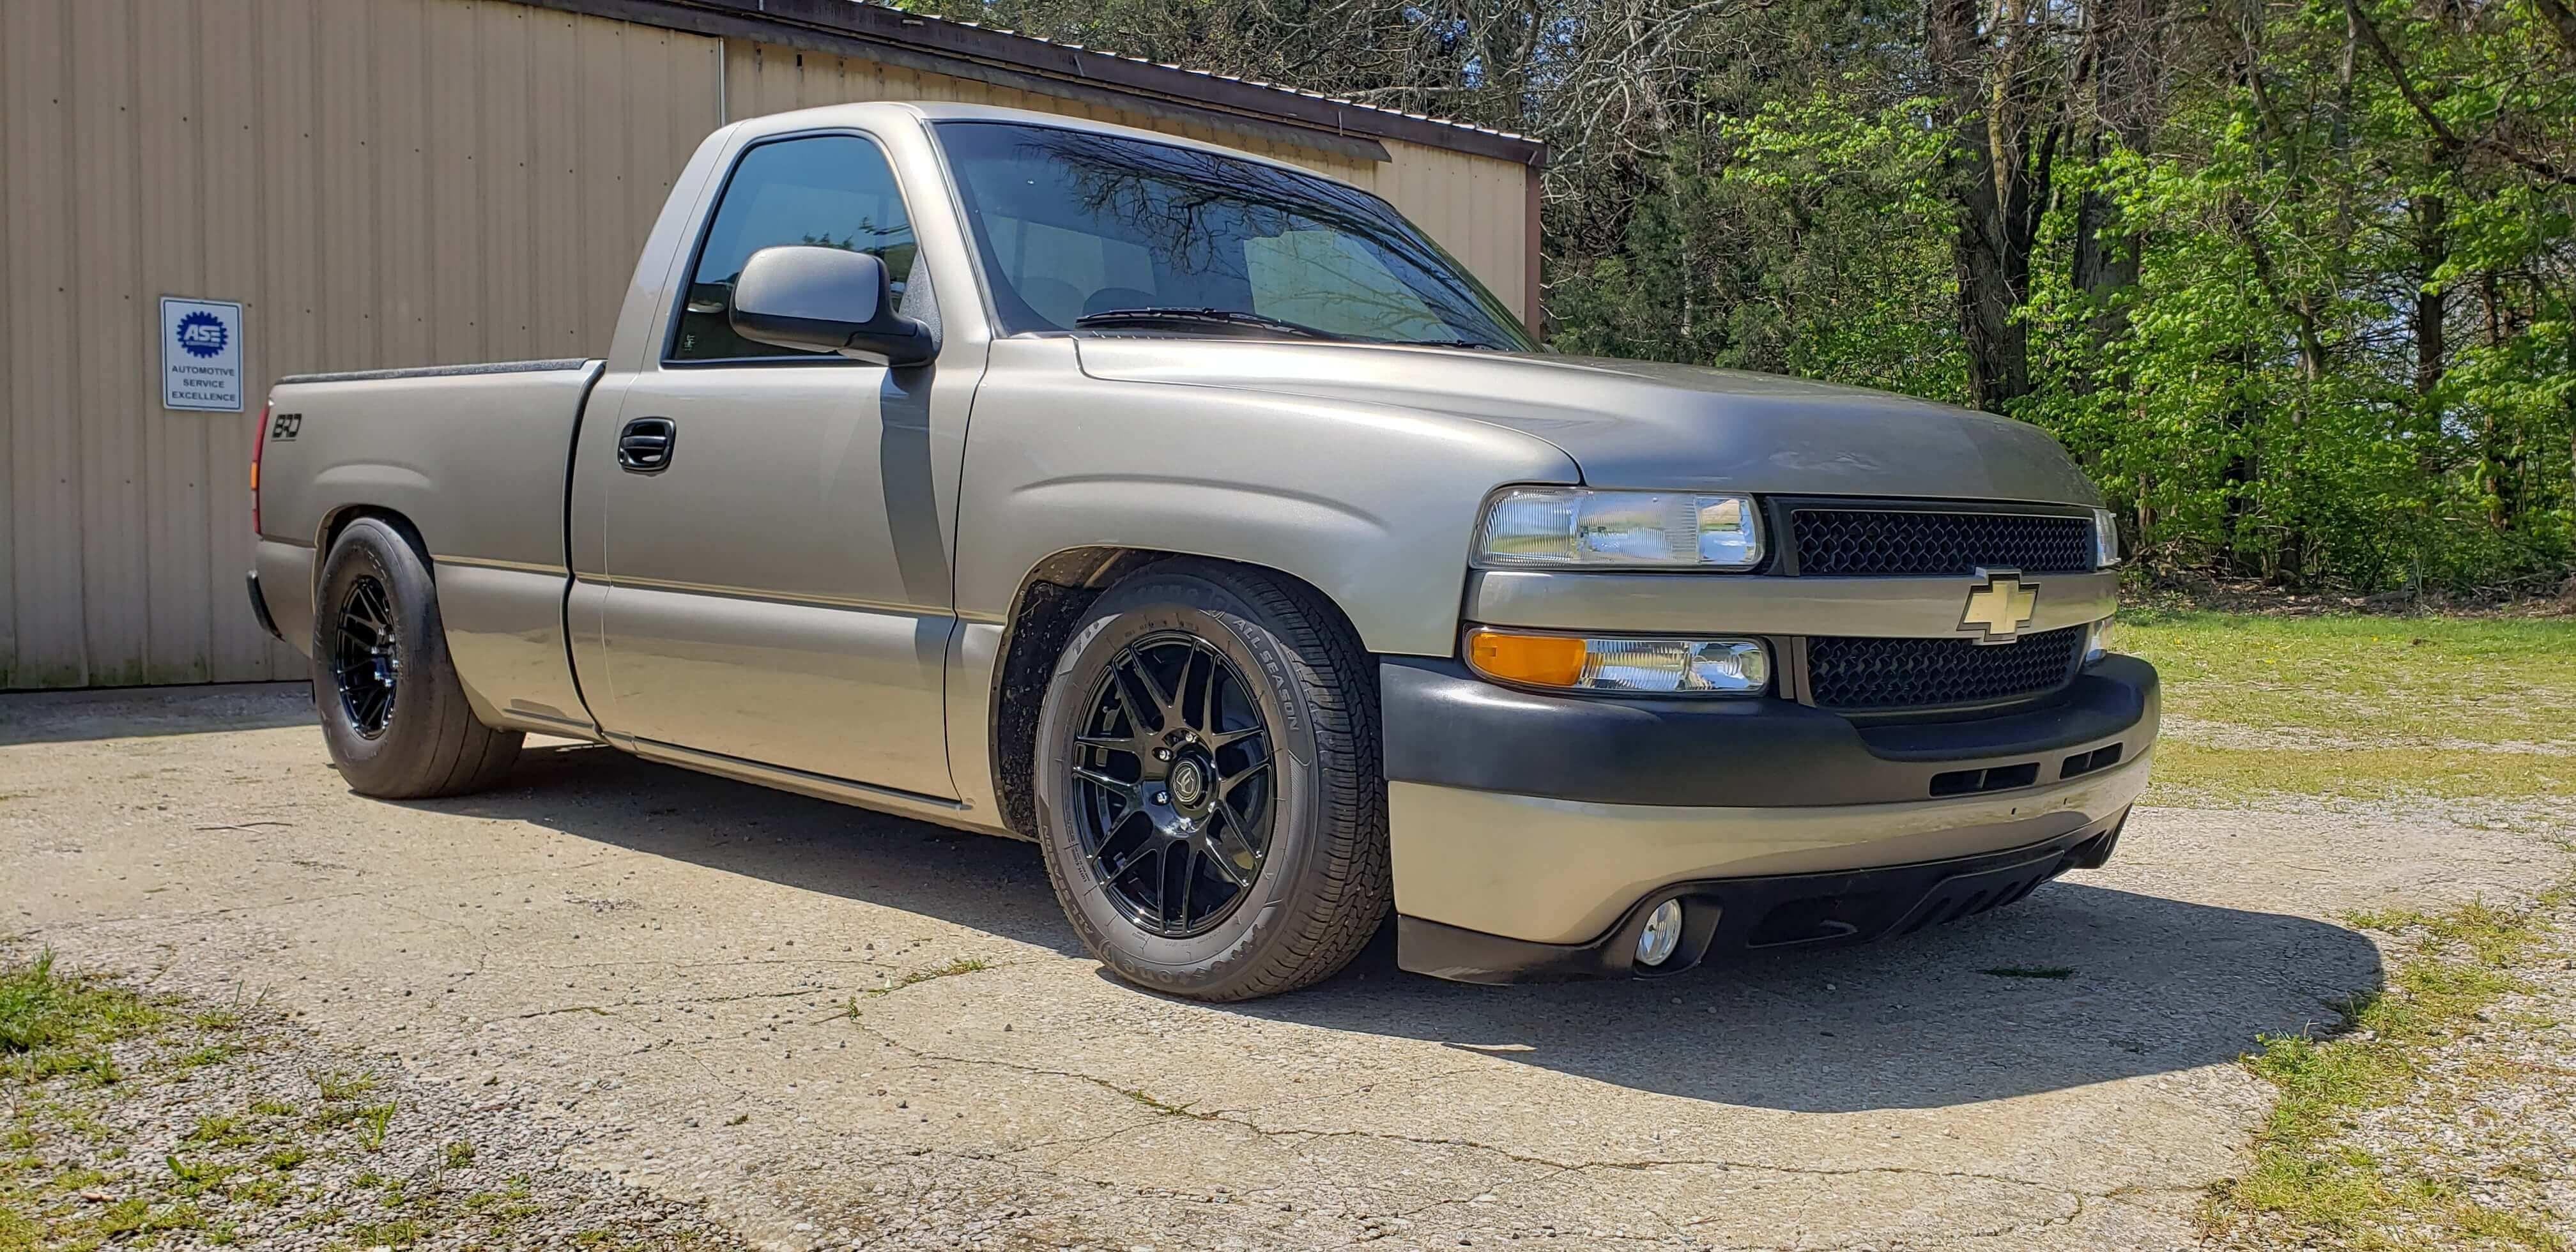 2000 Chevrolet Silverado 1500 Engine 4 8 L V8 Chevrolet Silverado 1500 Chevrolet Silverado Silverado 1500